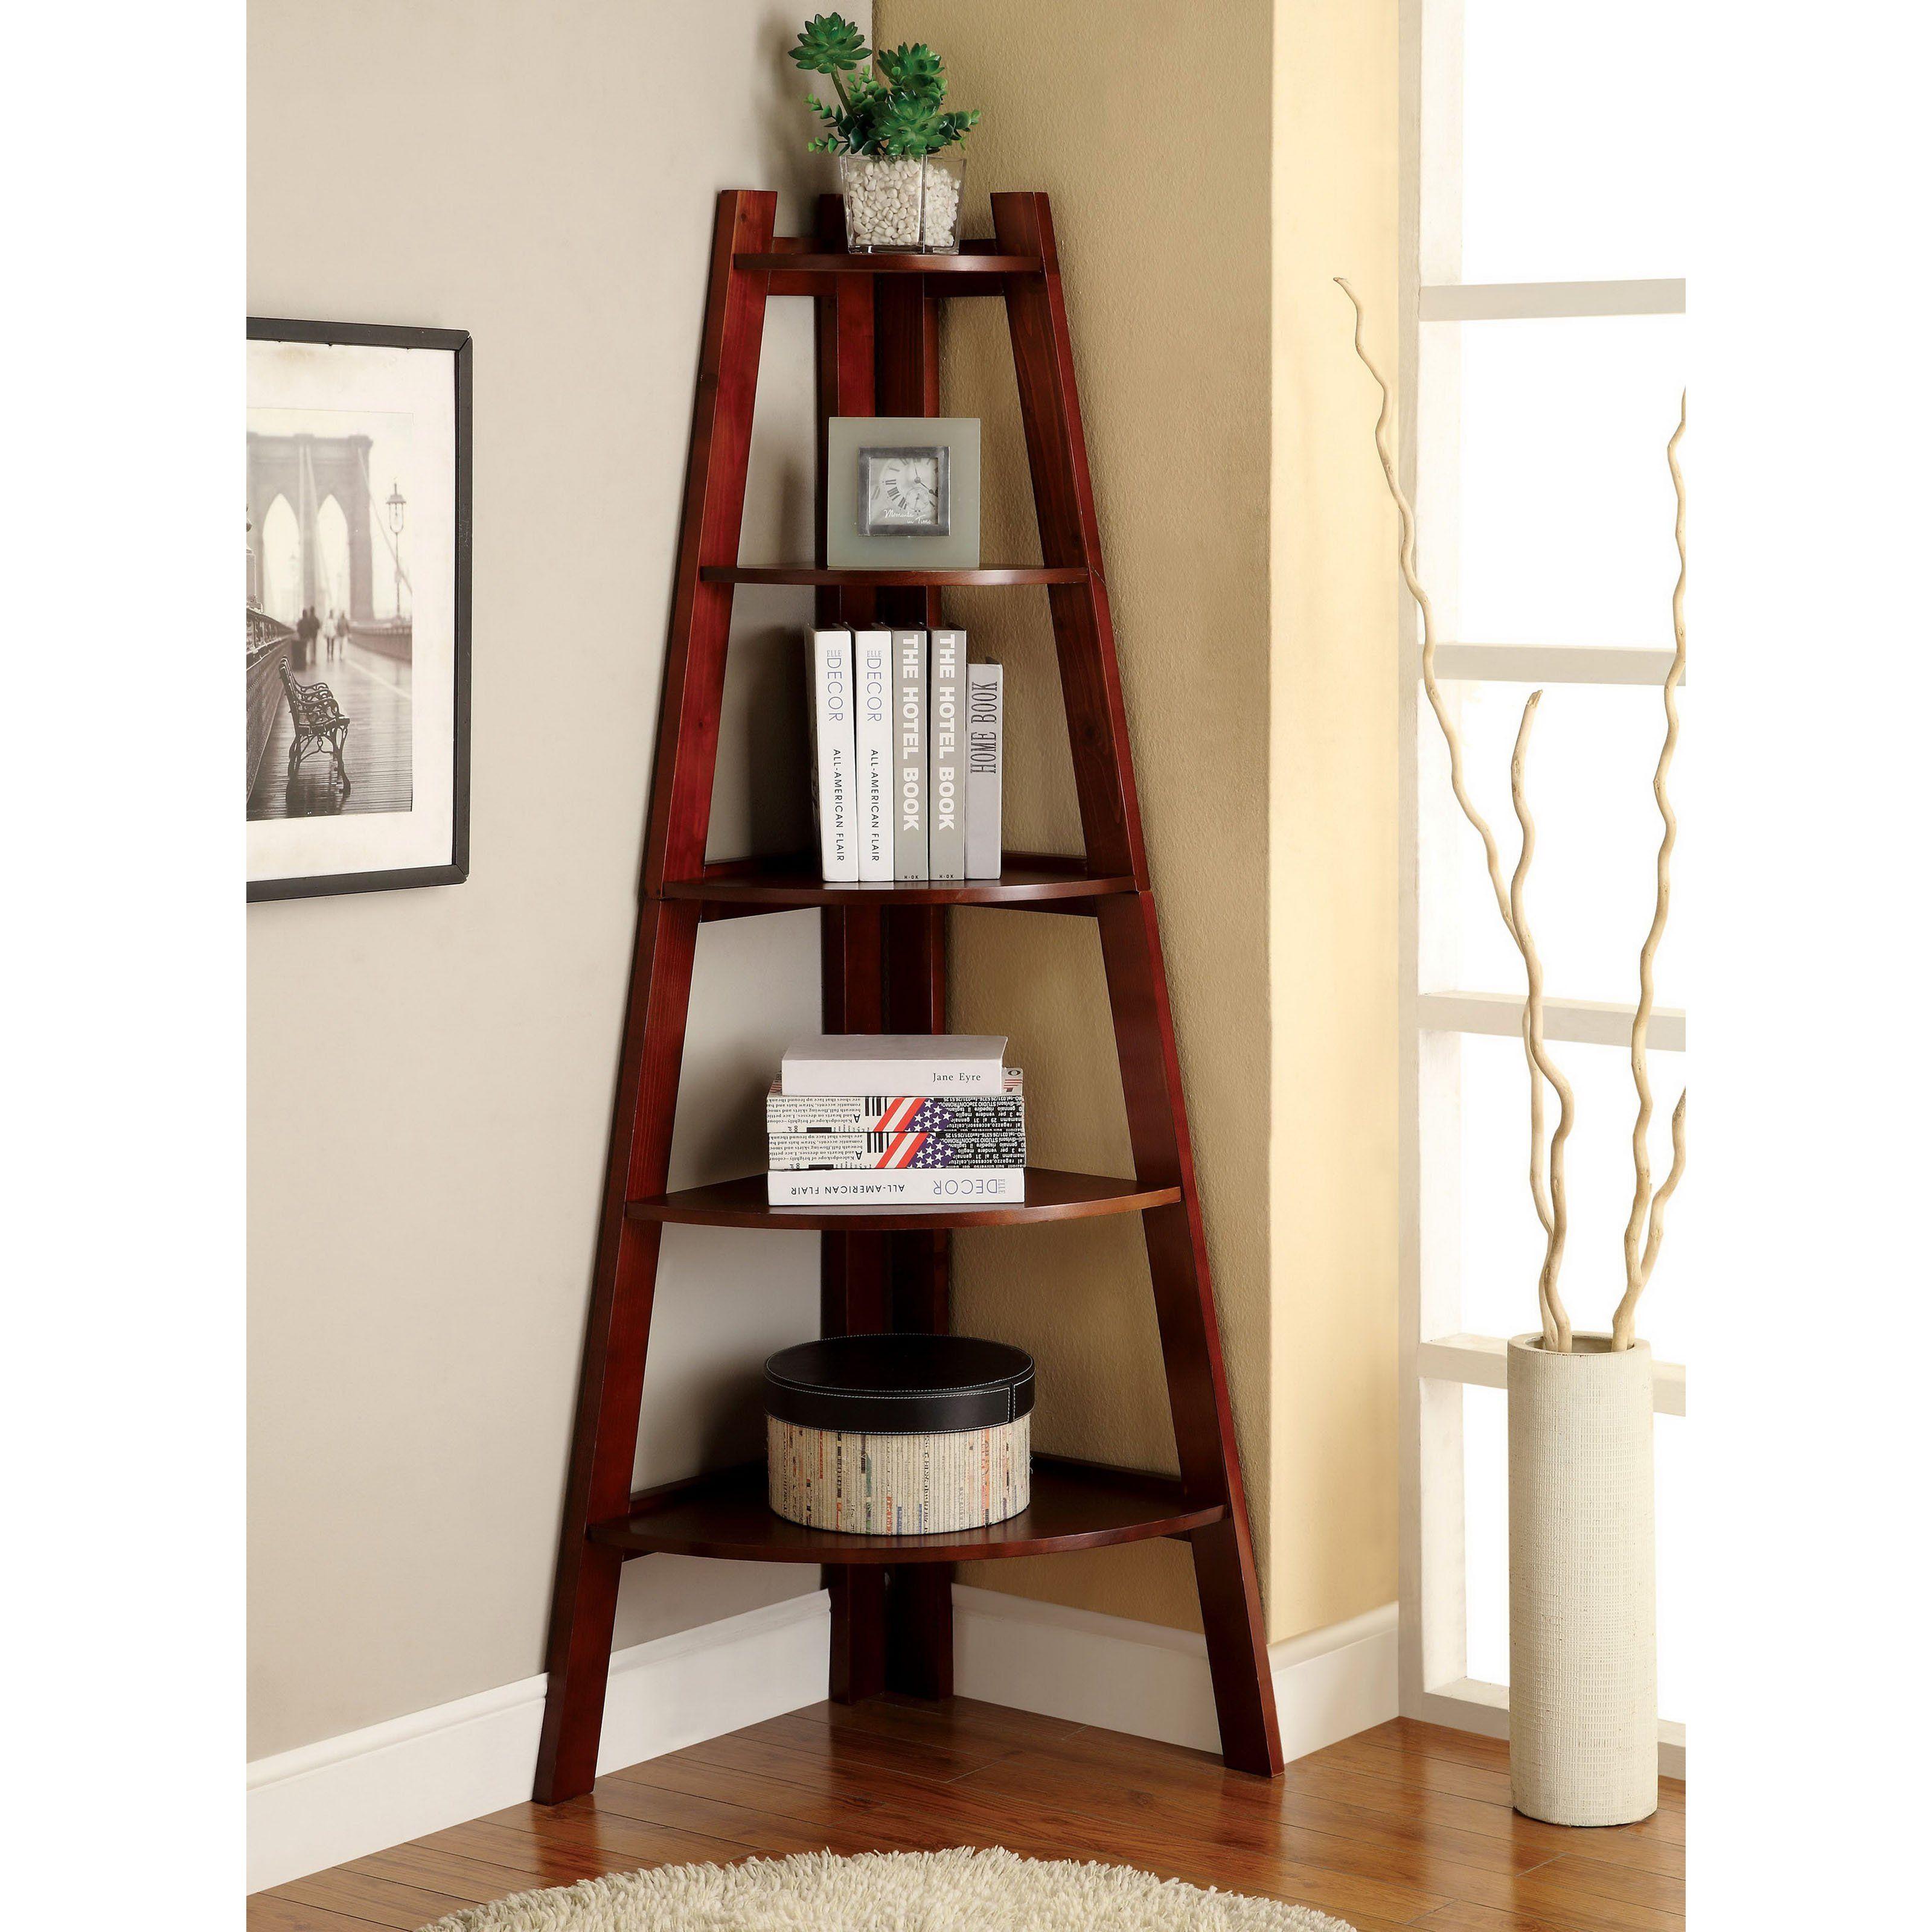 Top Wooden Ladder Shelf Nz Decor Display Bookcase Shelves